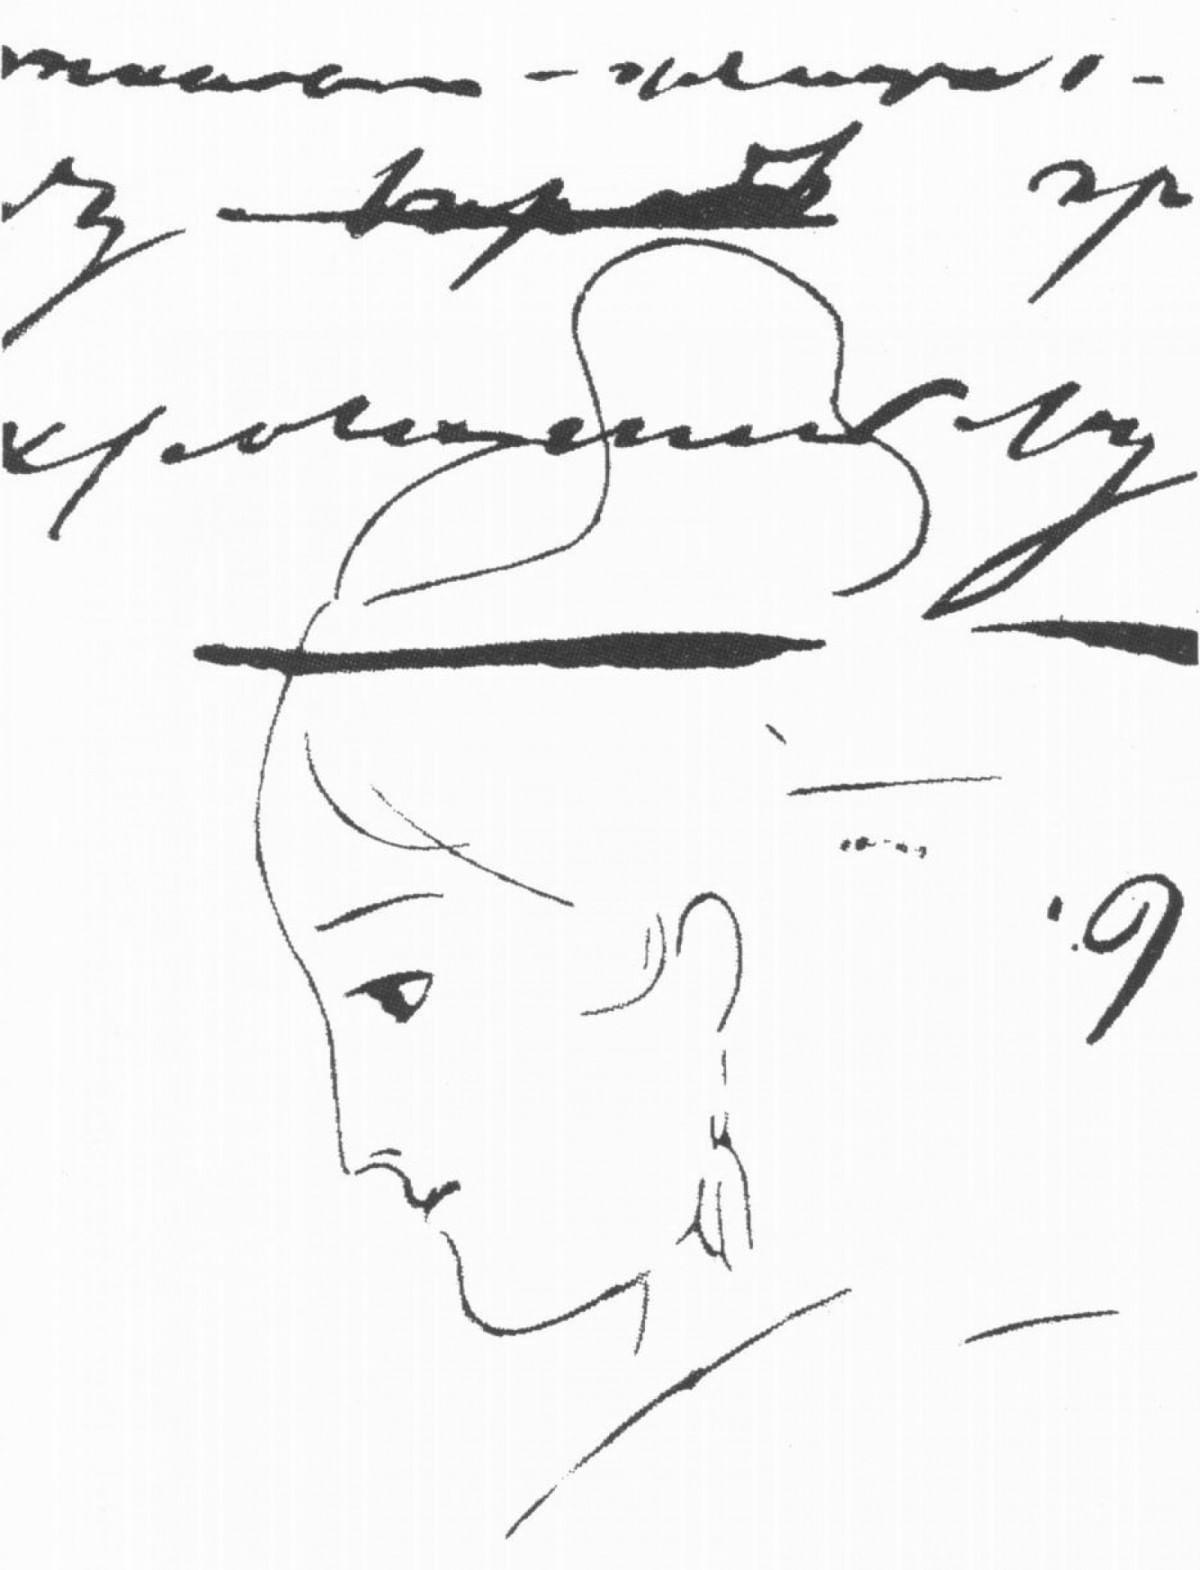 Пушкин в Михайловском. Архивные материалы